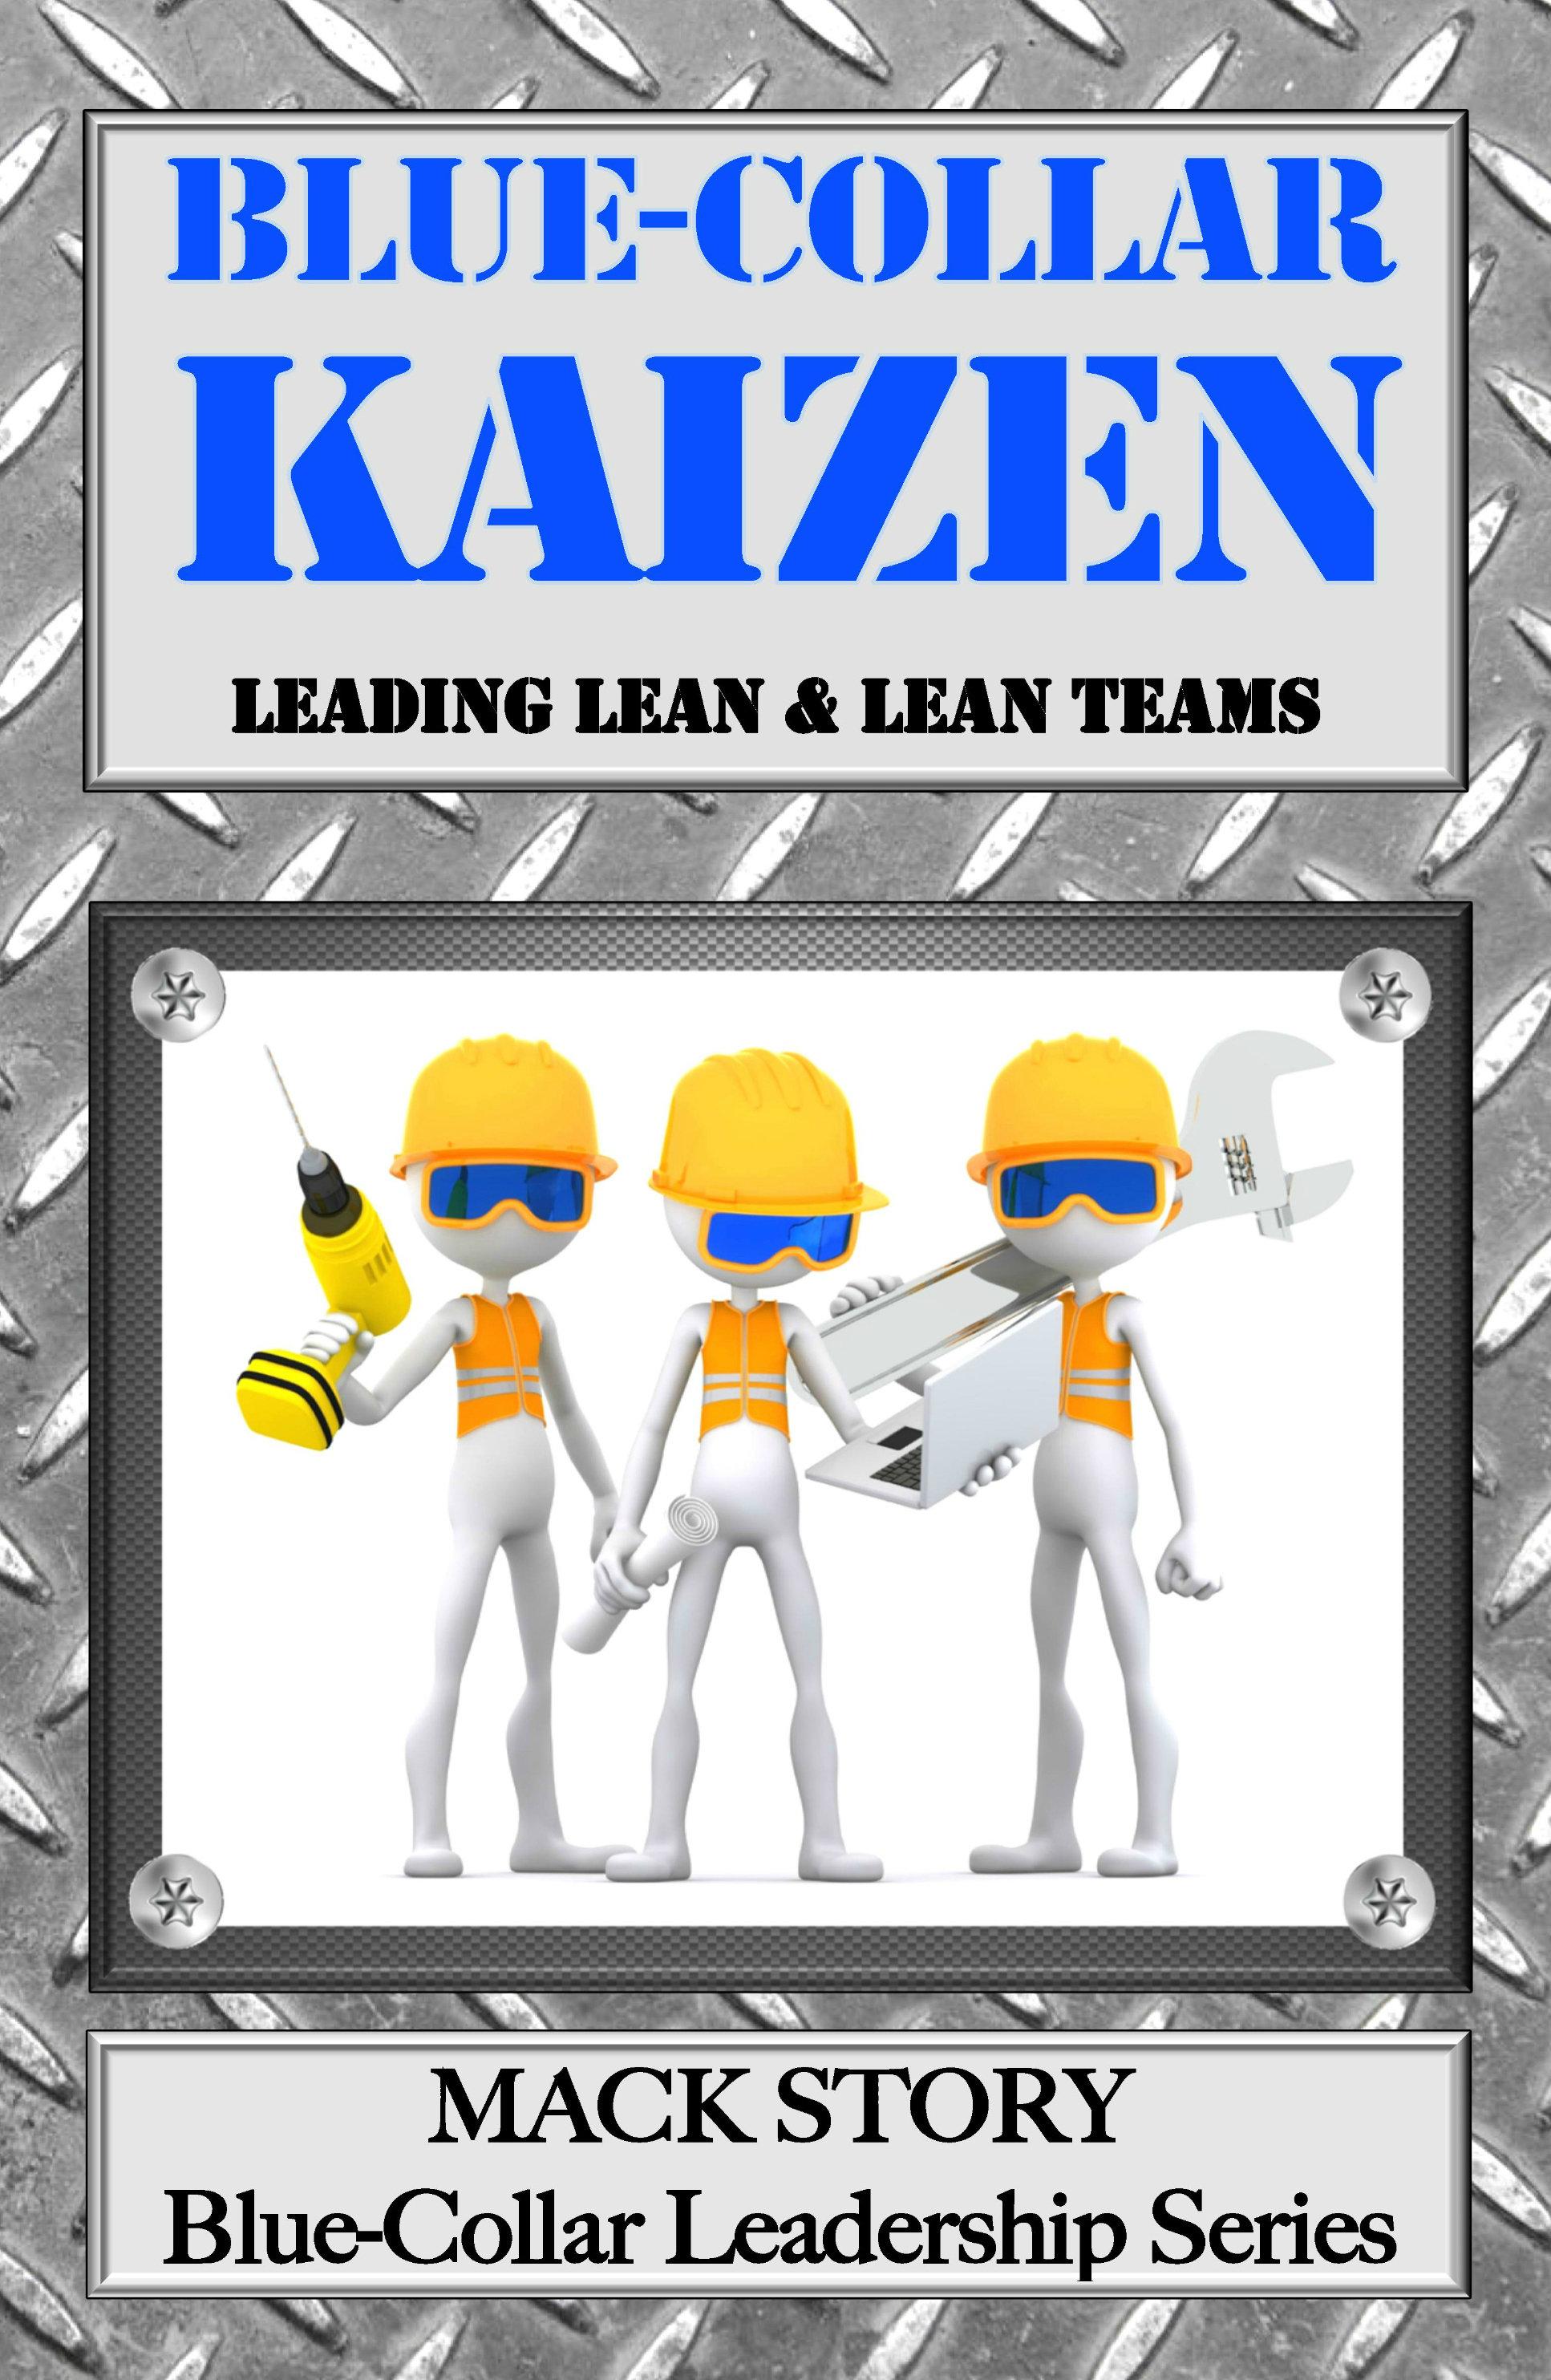 Blue-Collar Kaizen: Leaning Lean & Lean Teams 0023